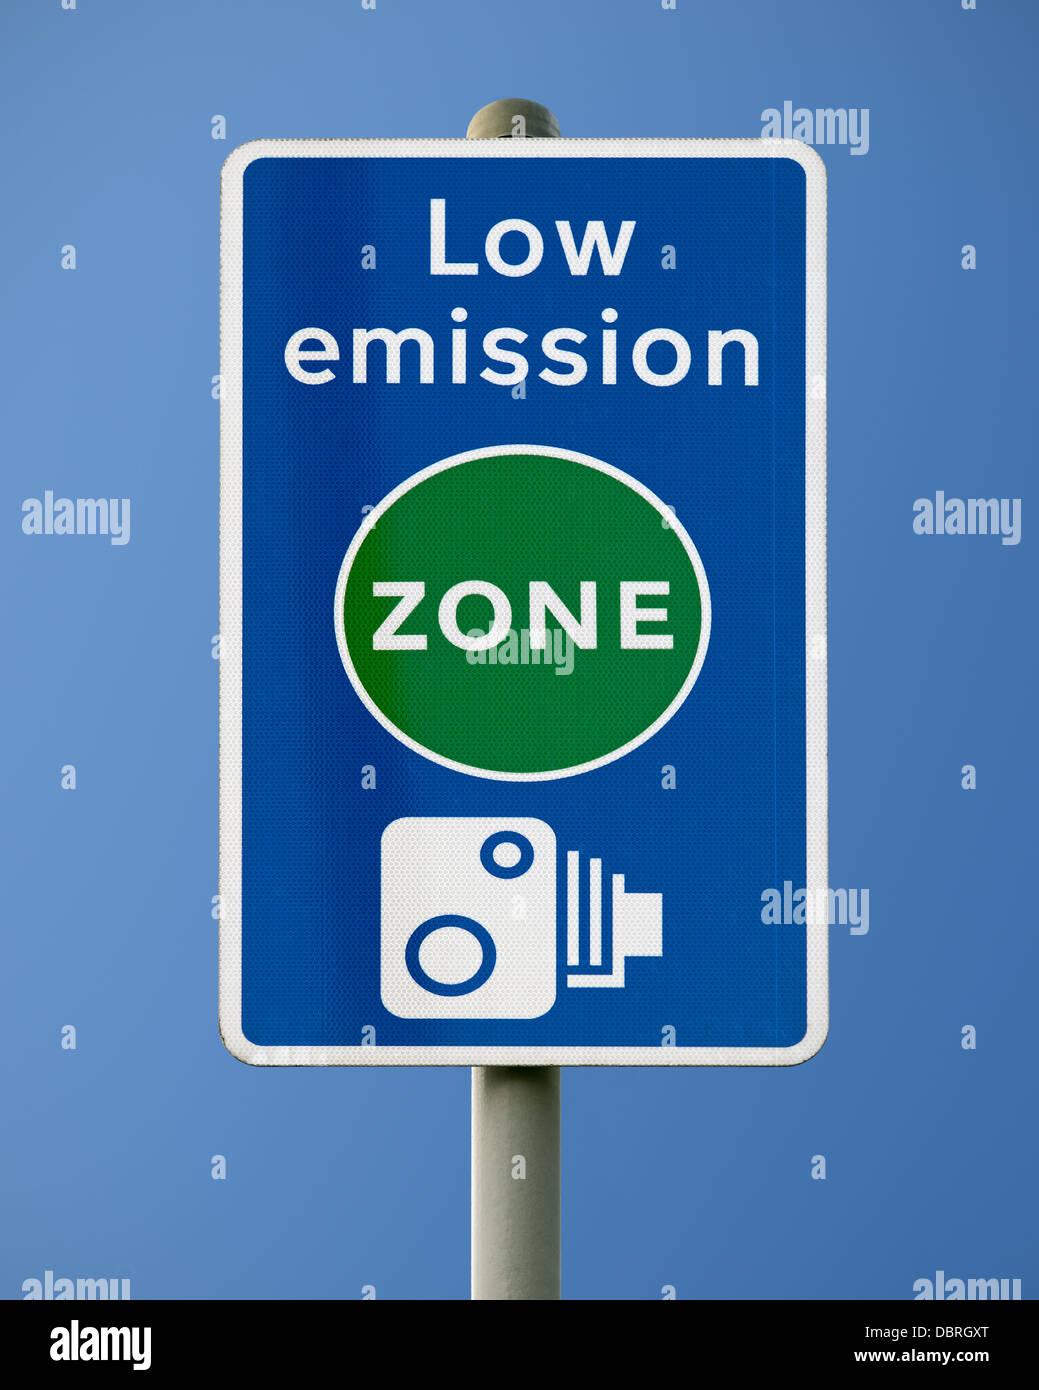 Low Emission Zone Sign, London, UK. - Stock Image